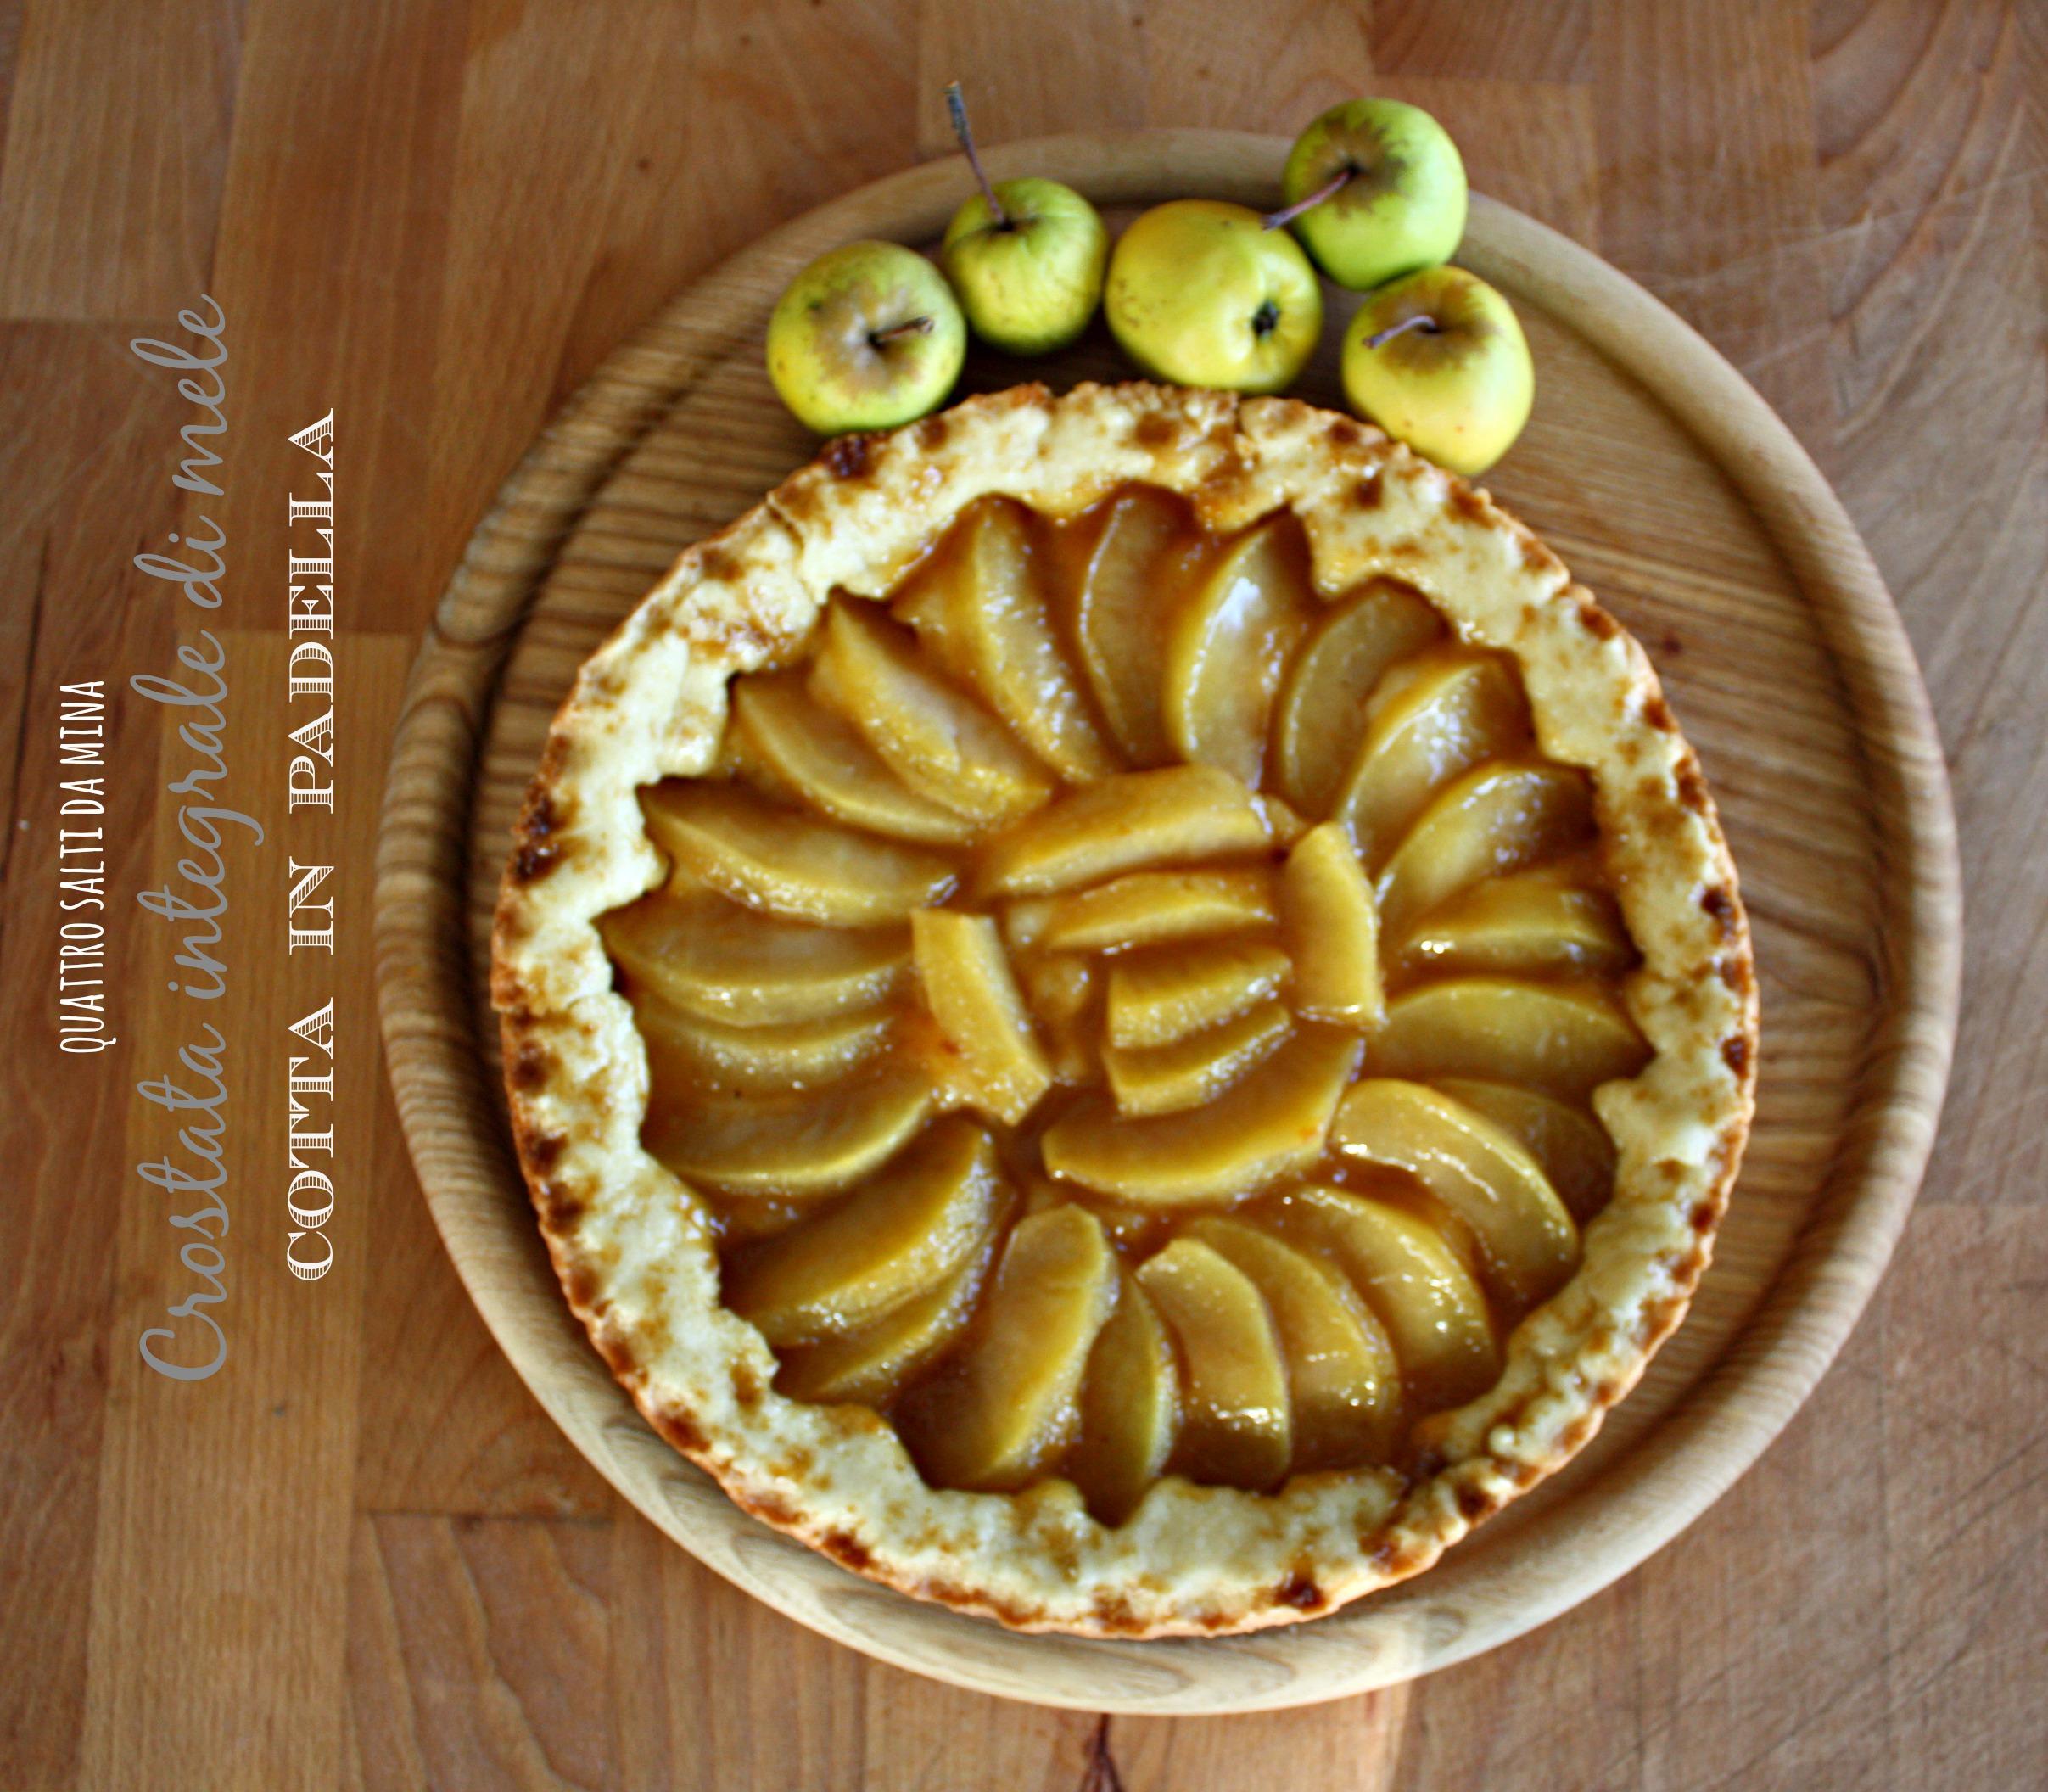 Ricerca ricette con mele cotte in padella for Crostata di mele